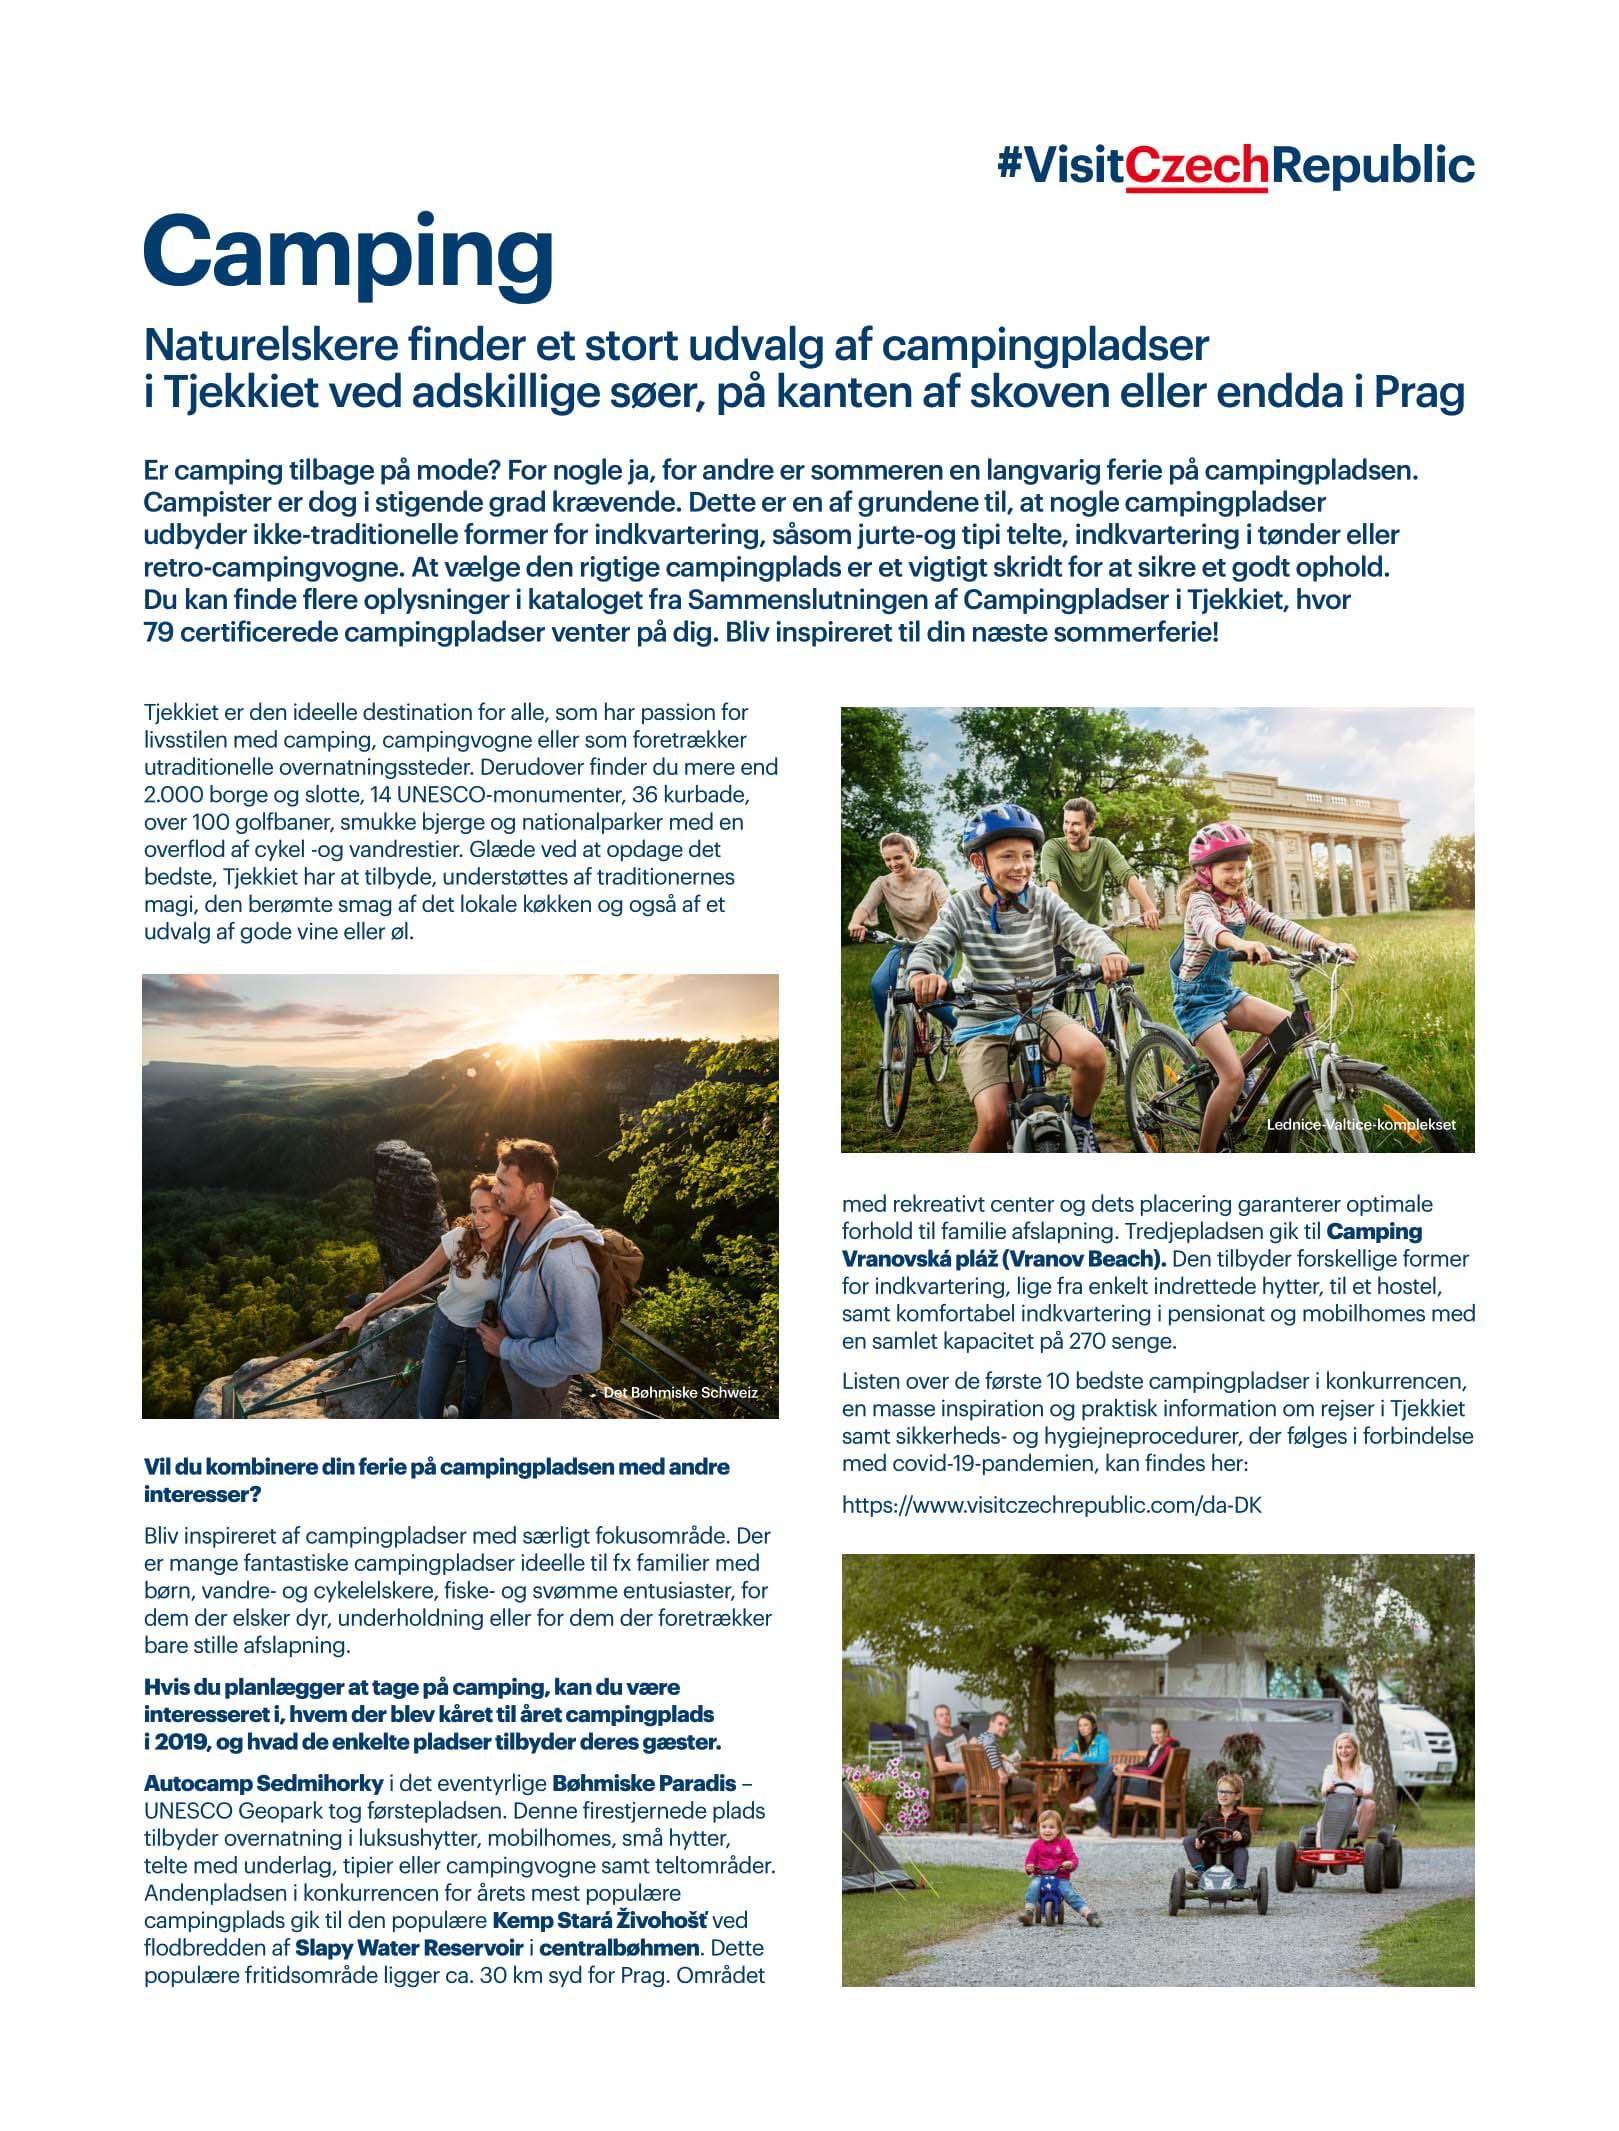 Stort udvalg af campingpladser i Tjekkiet (Reklame)